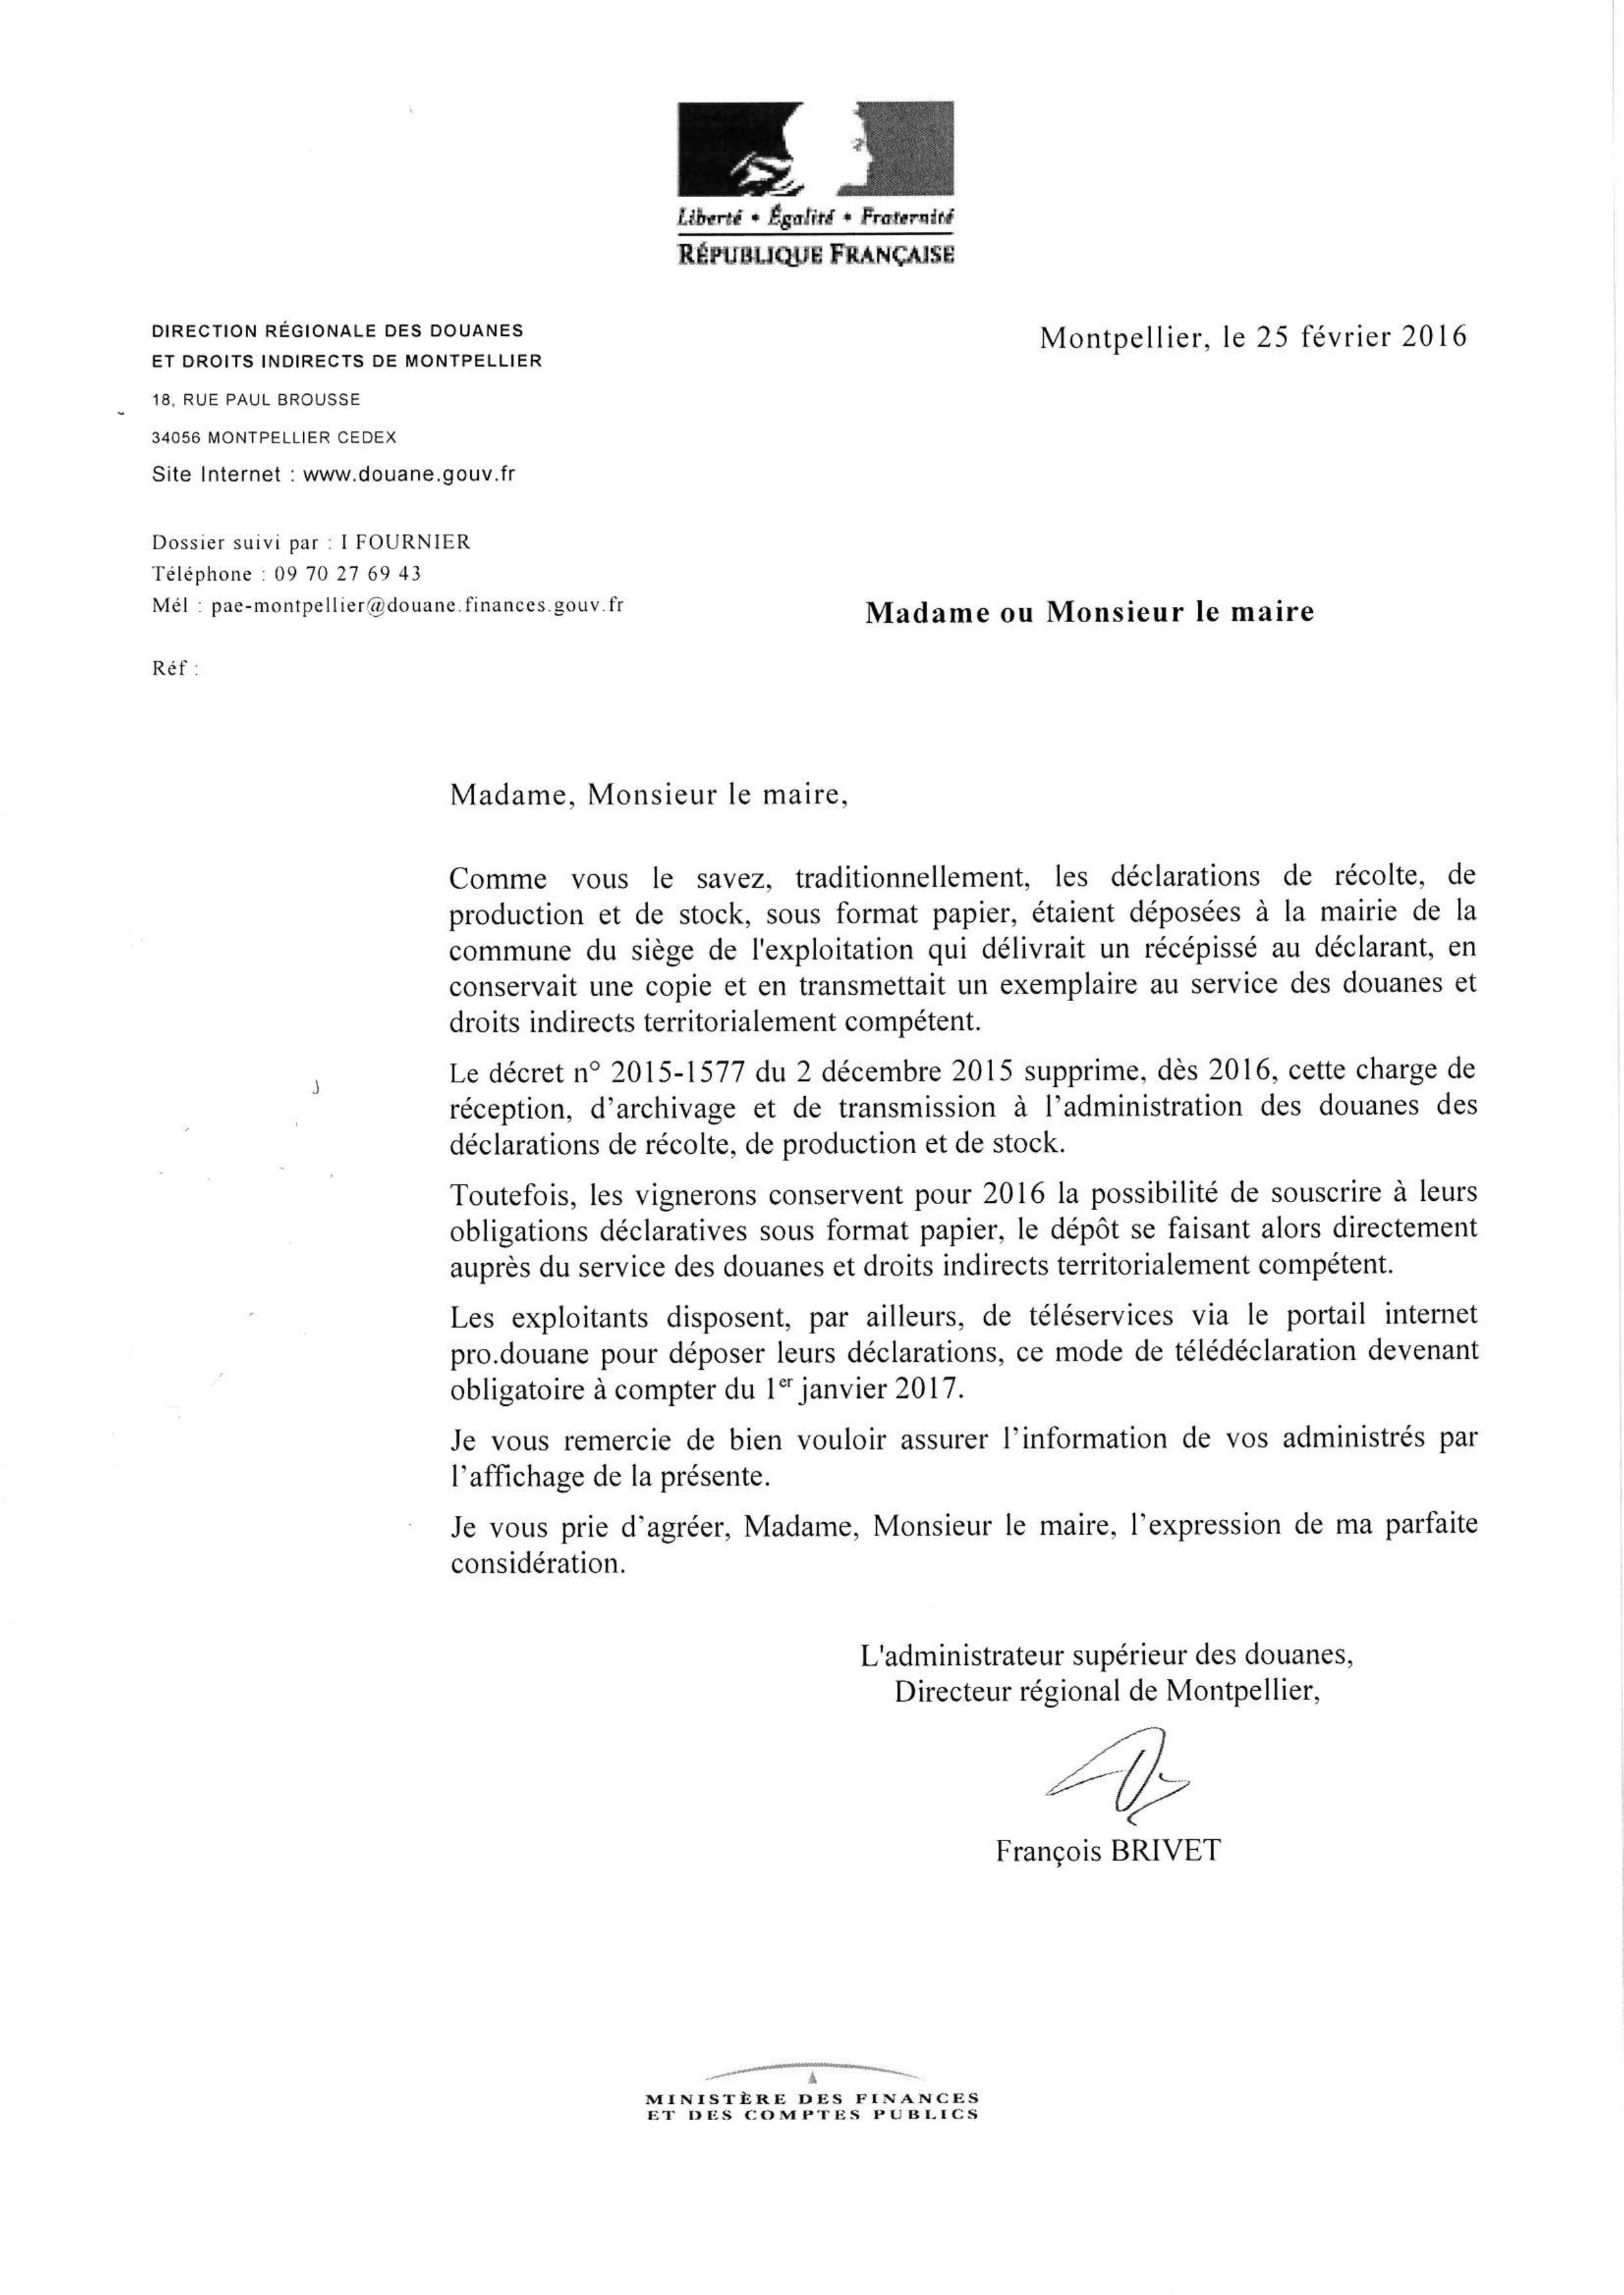 declaration-de-recolte